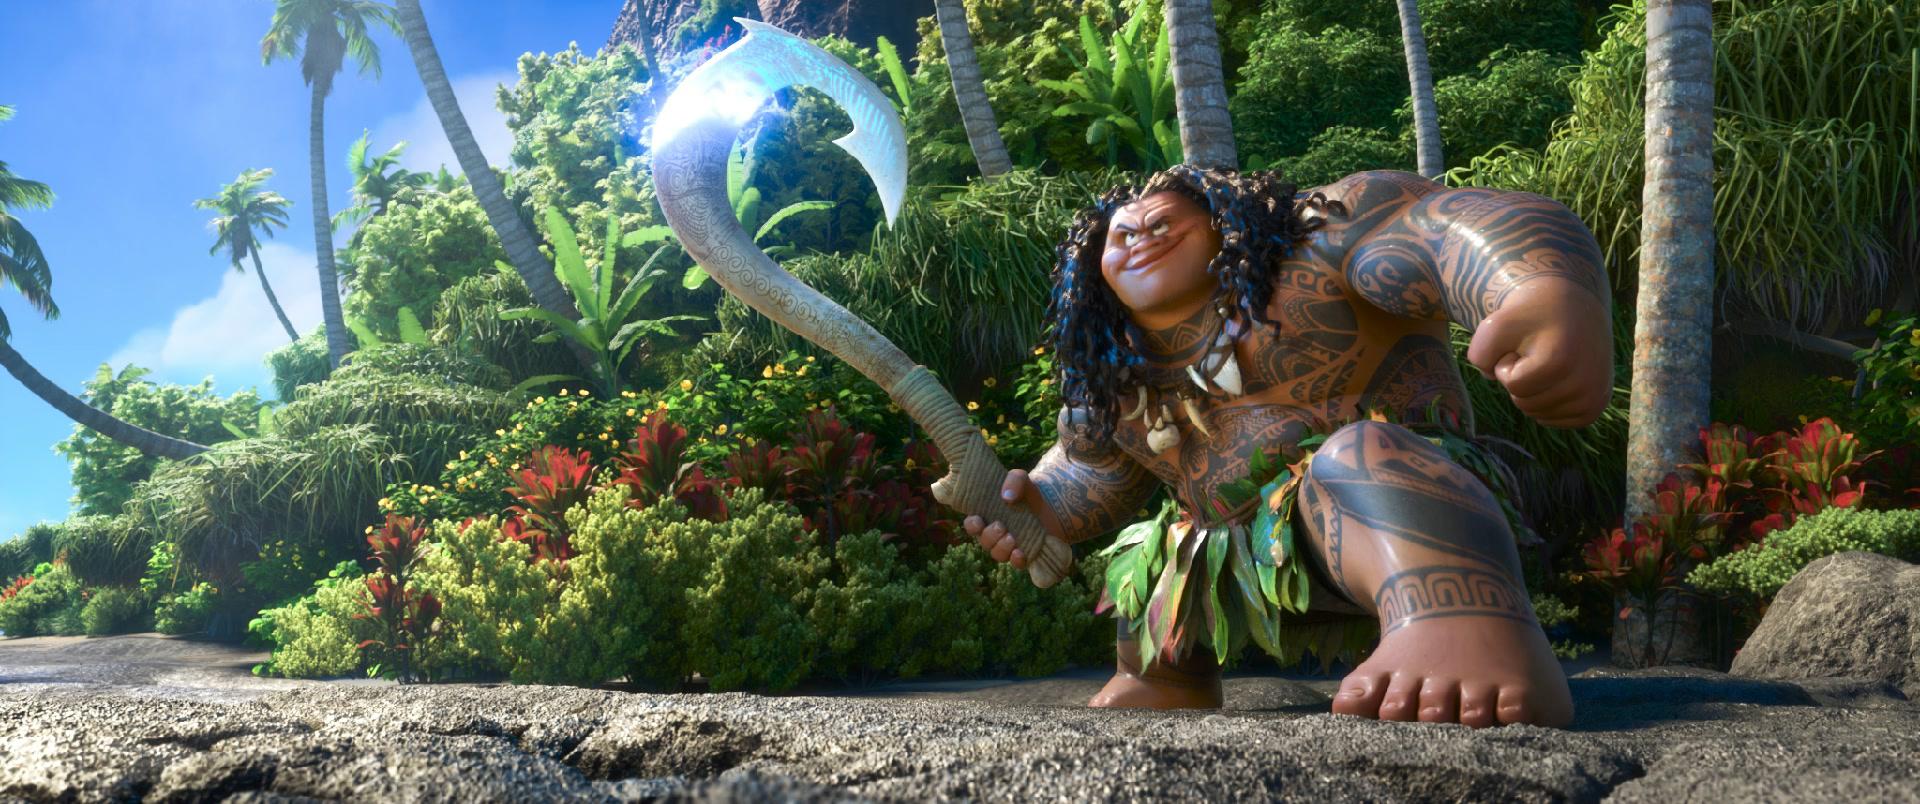 Maui 39 s fish hook moana wikia fandom powered by wikia for Maui fish hook moana